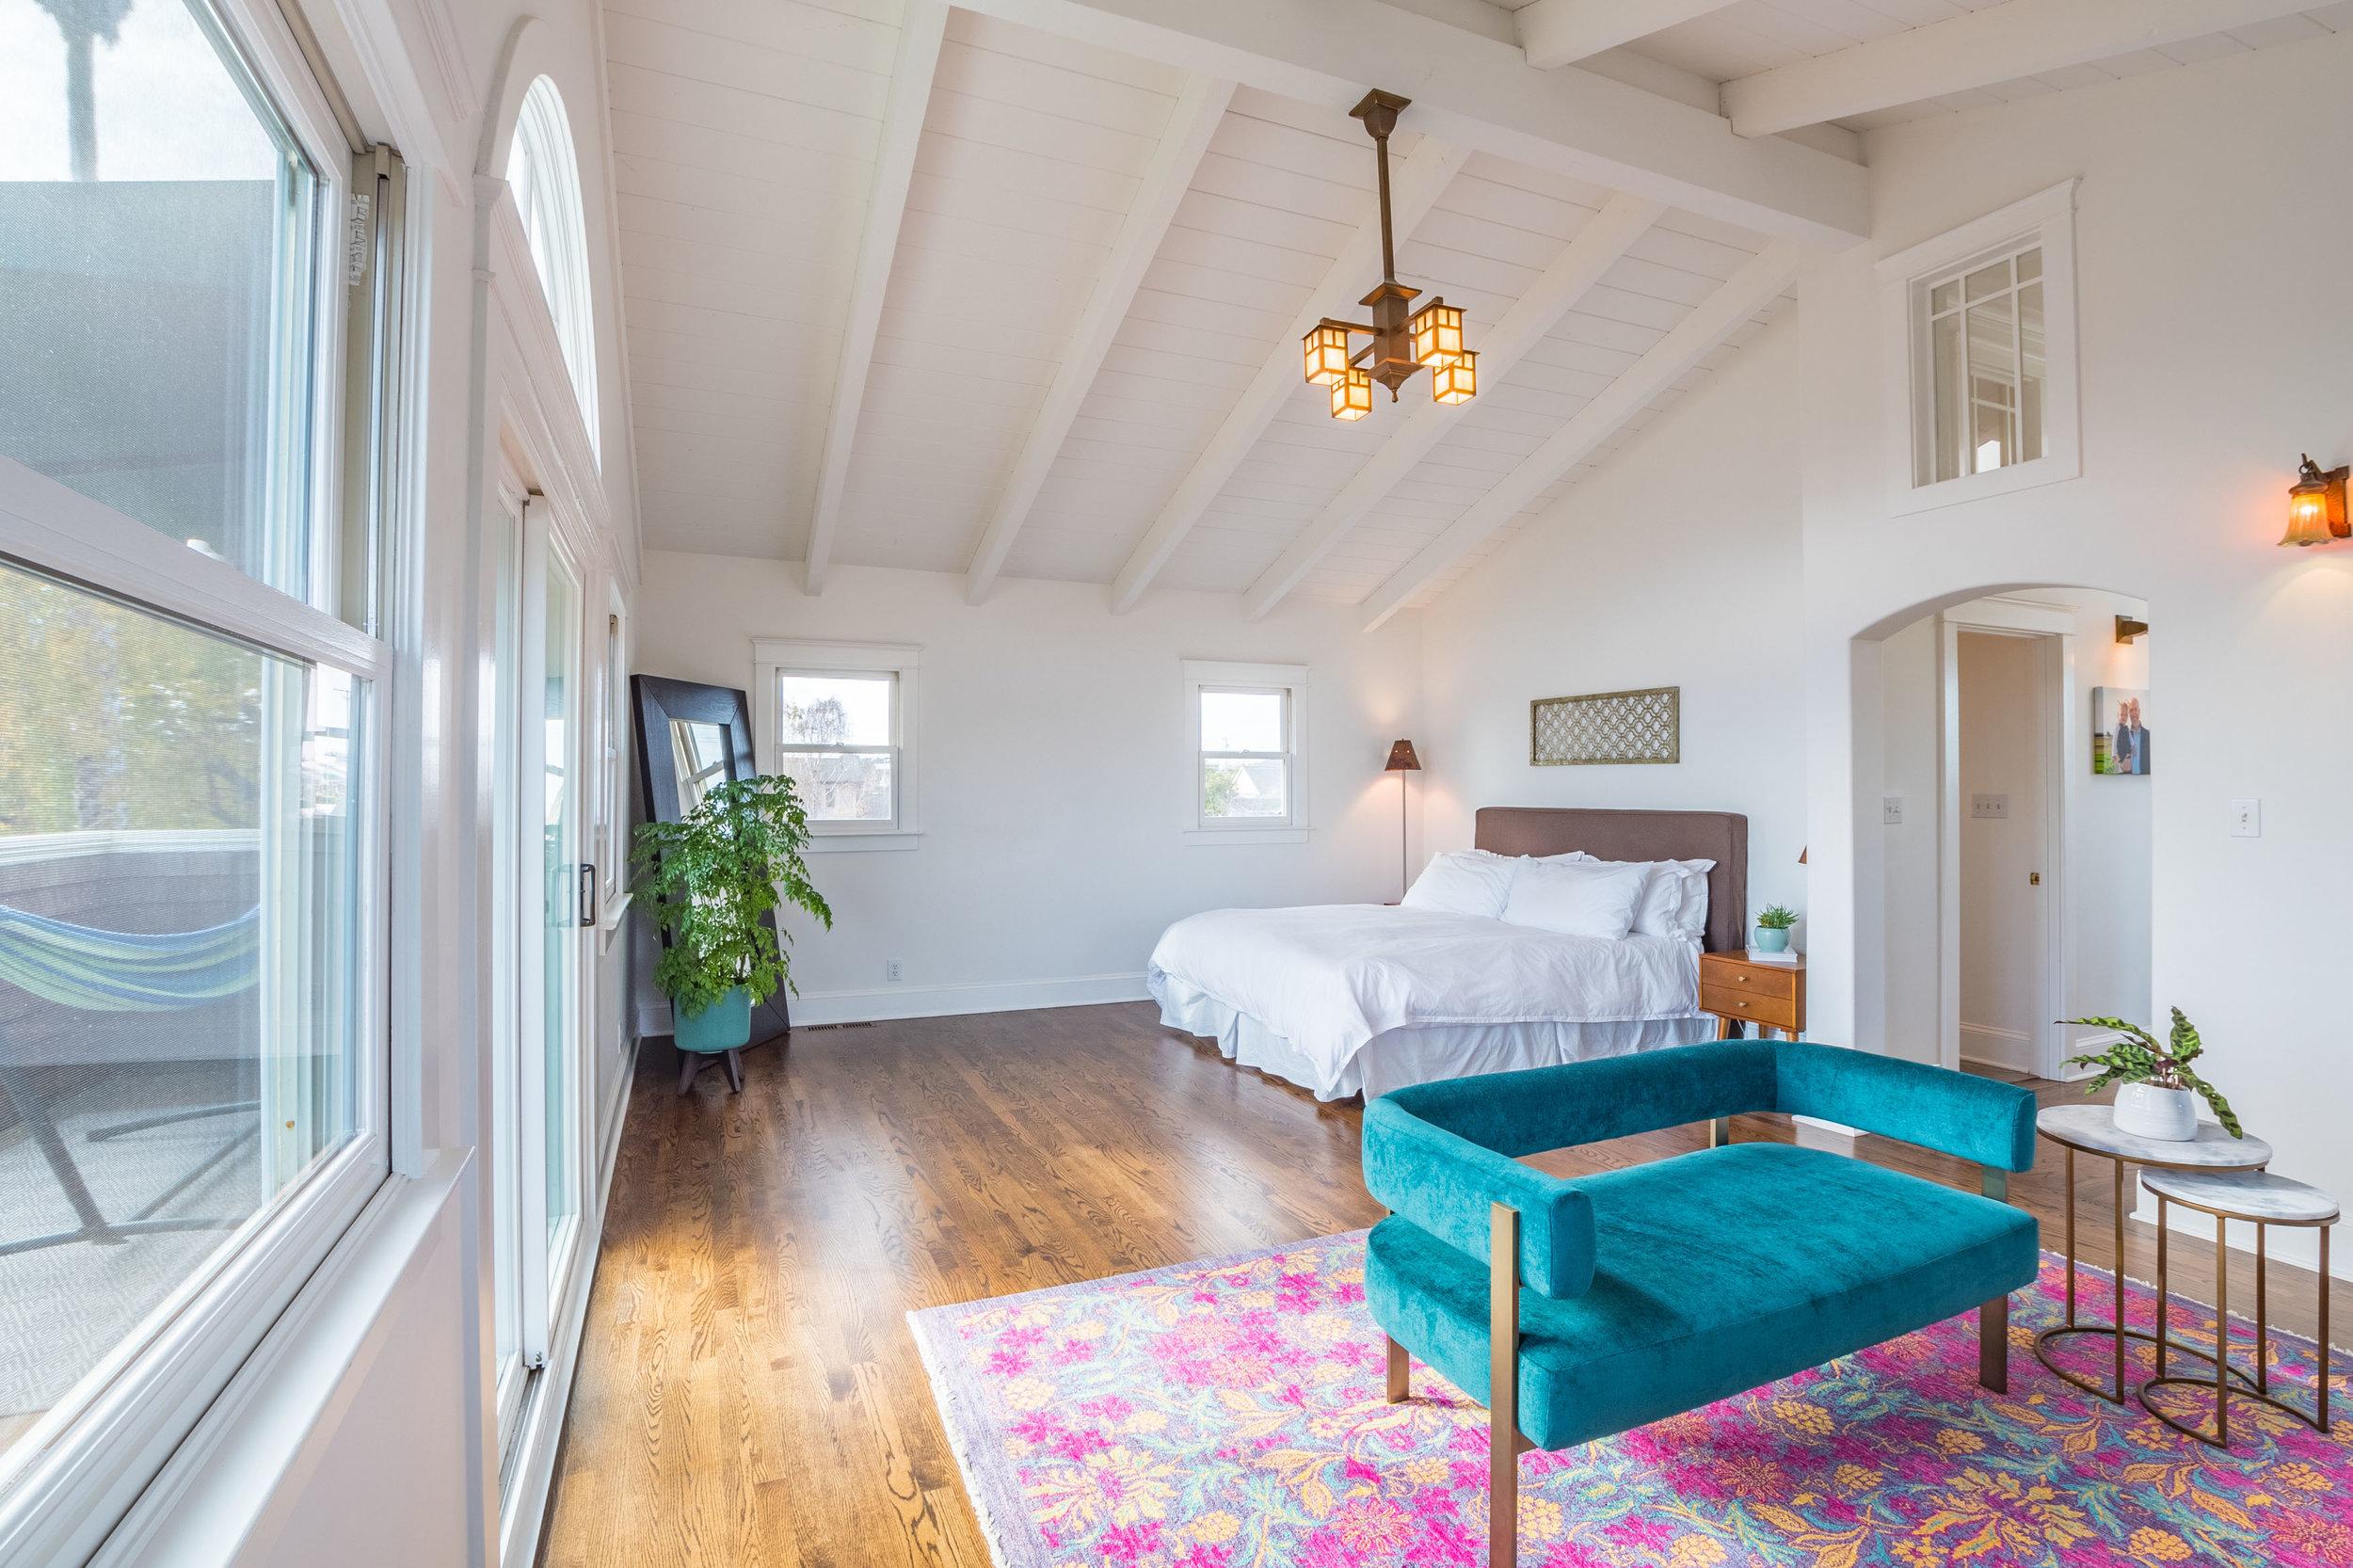 Vaulted Ceilings in Master Bedroom Lower Westside, Santa Cruz